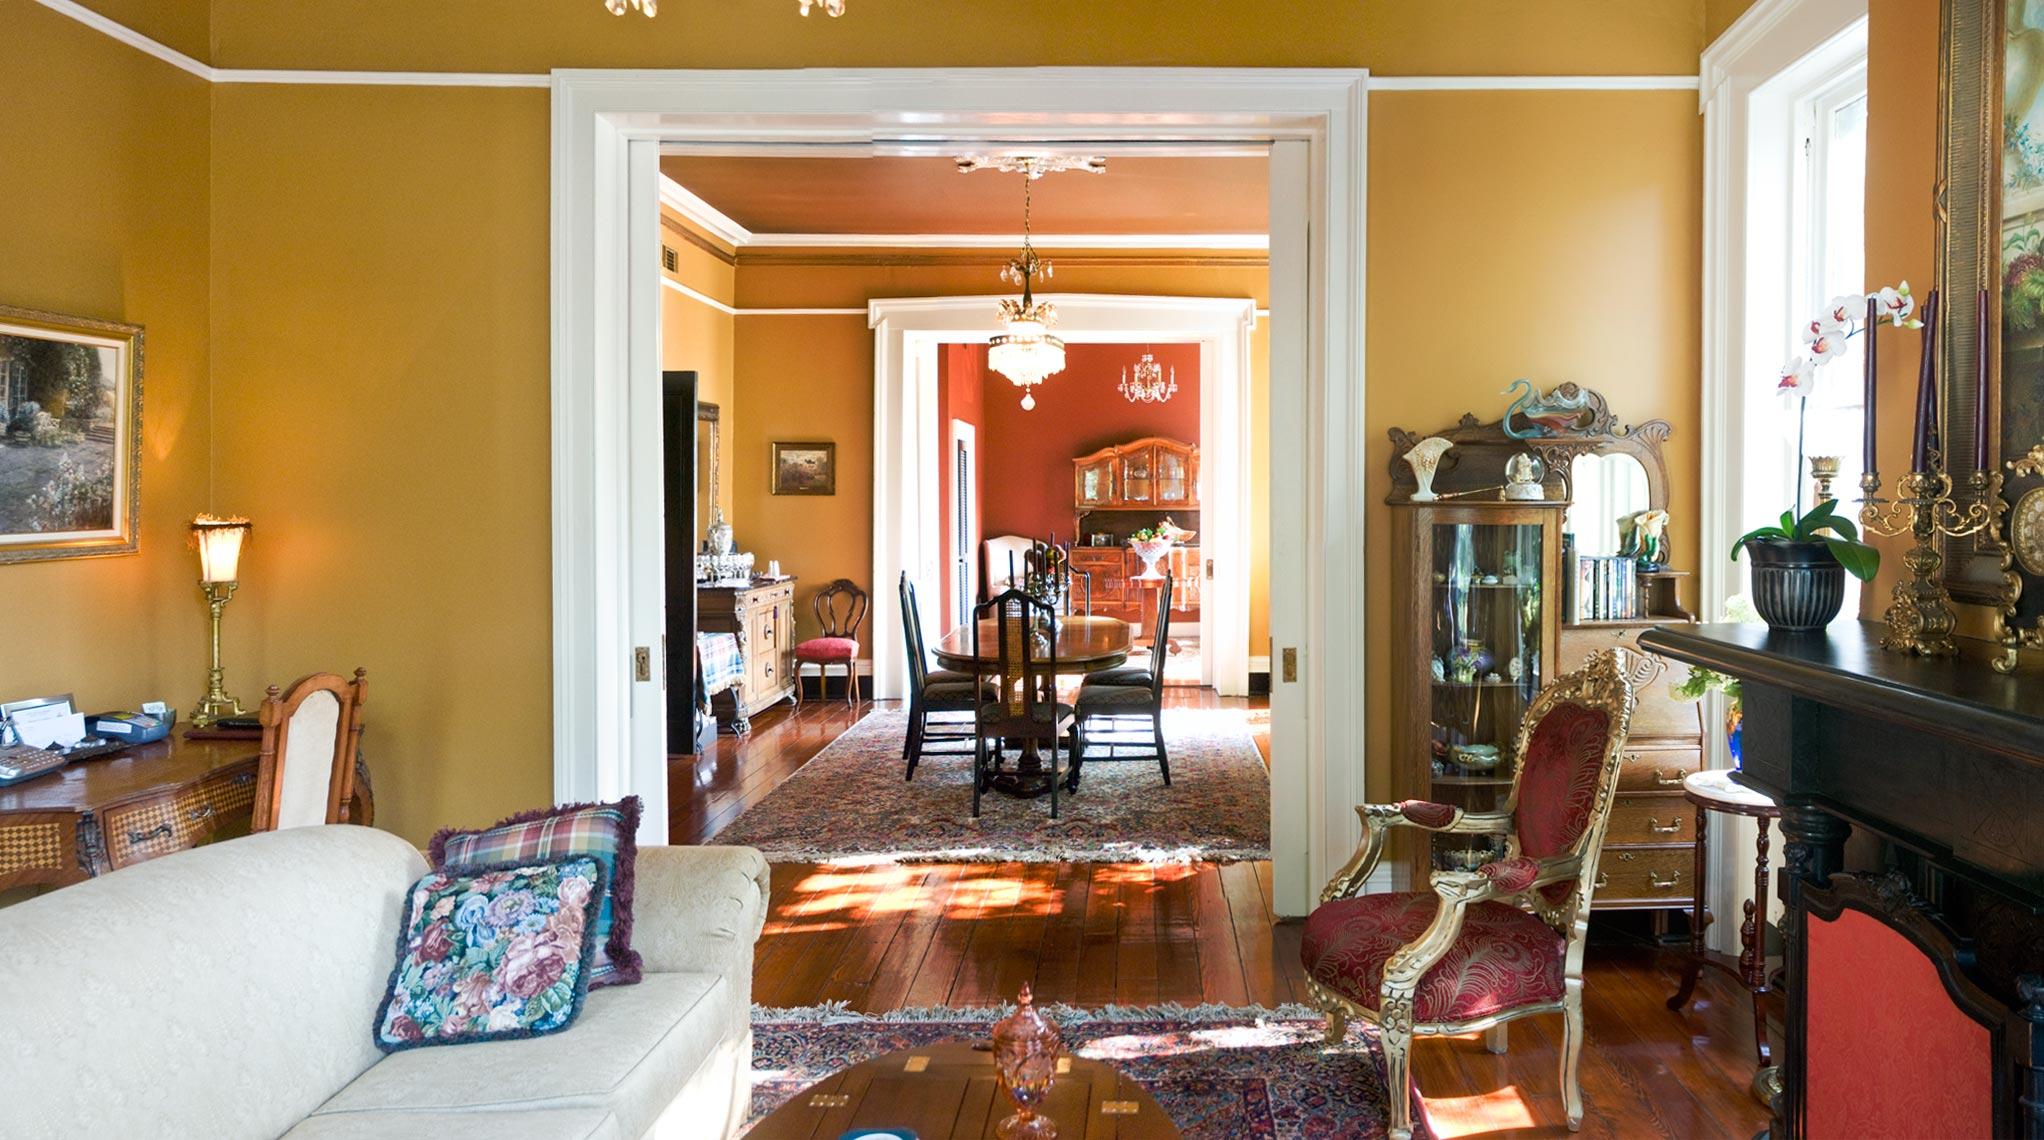 inside dream home.jpg